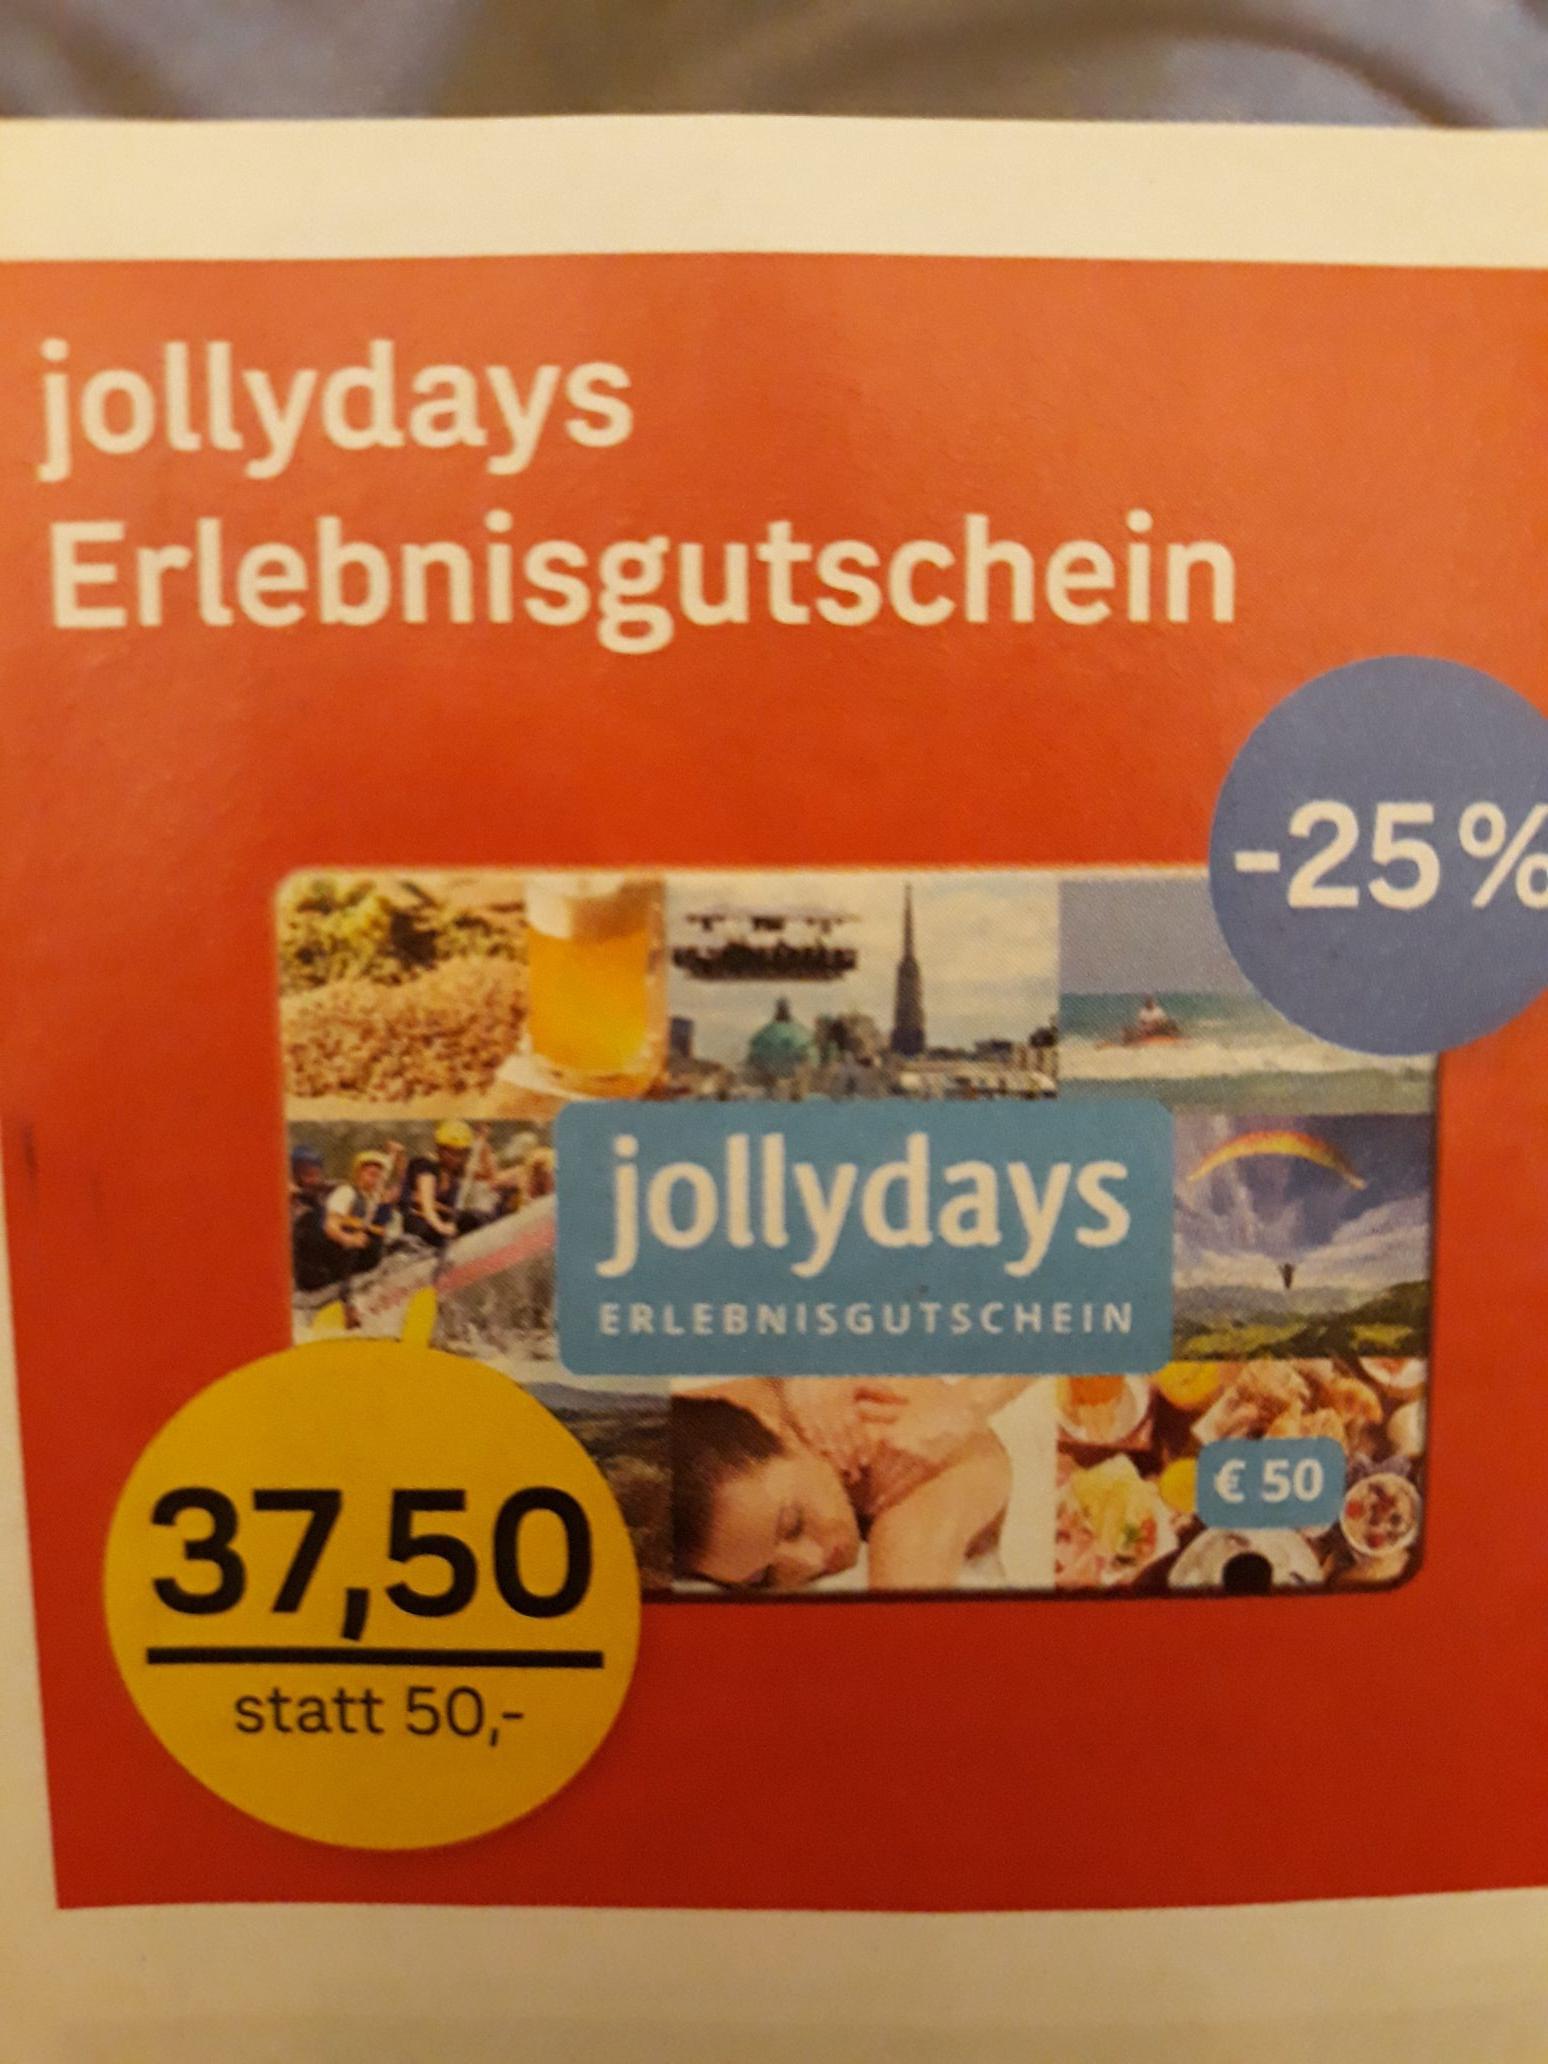 POST - Jollydays Erlebnisgutschein